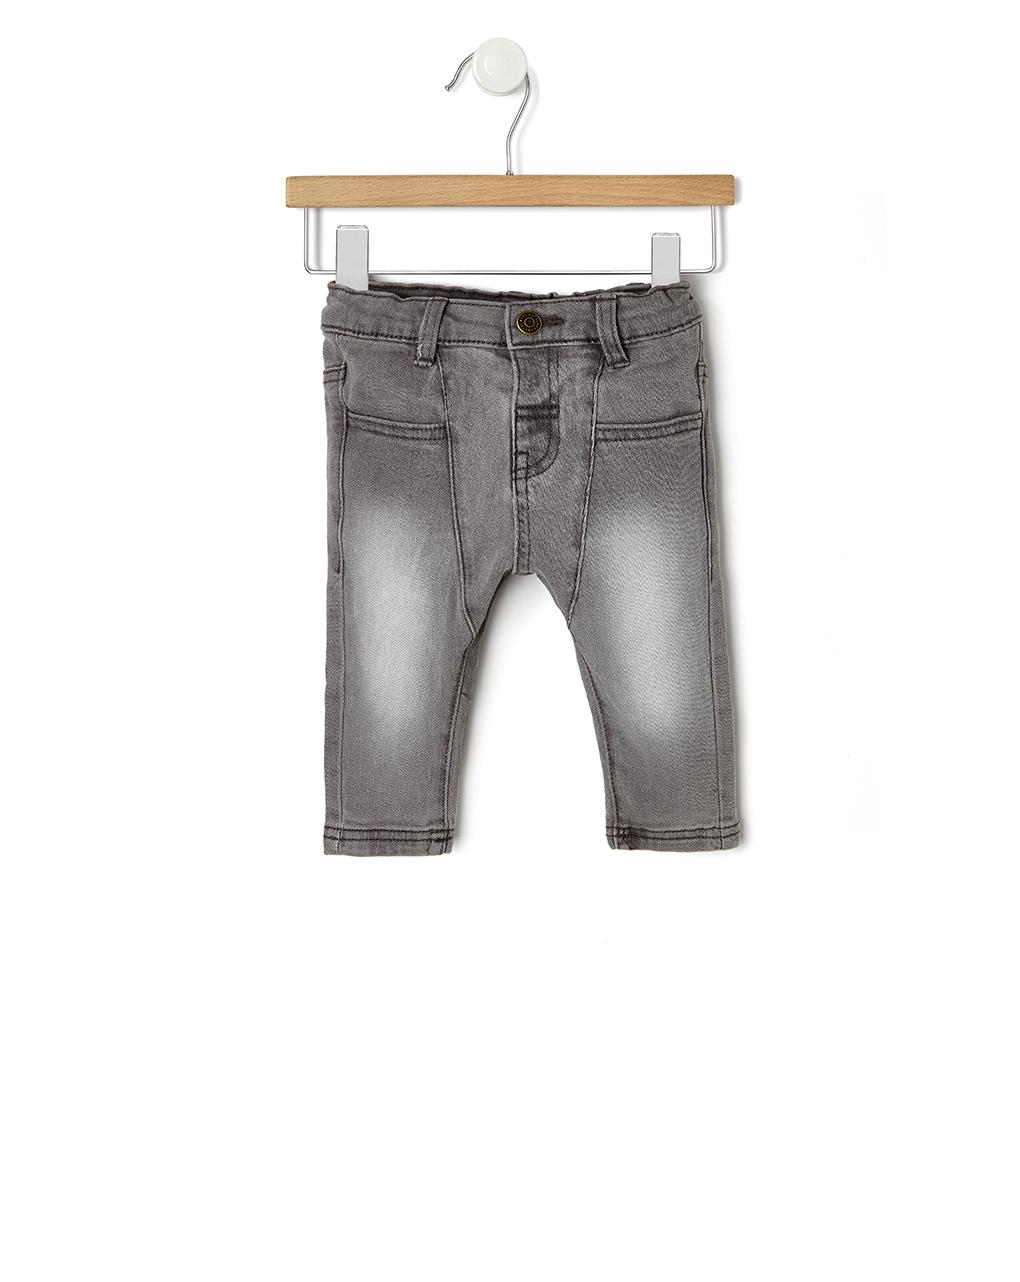 Παντελόνι Denim Γκρι Πετροπλυμένο για Αγόρι